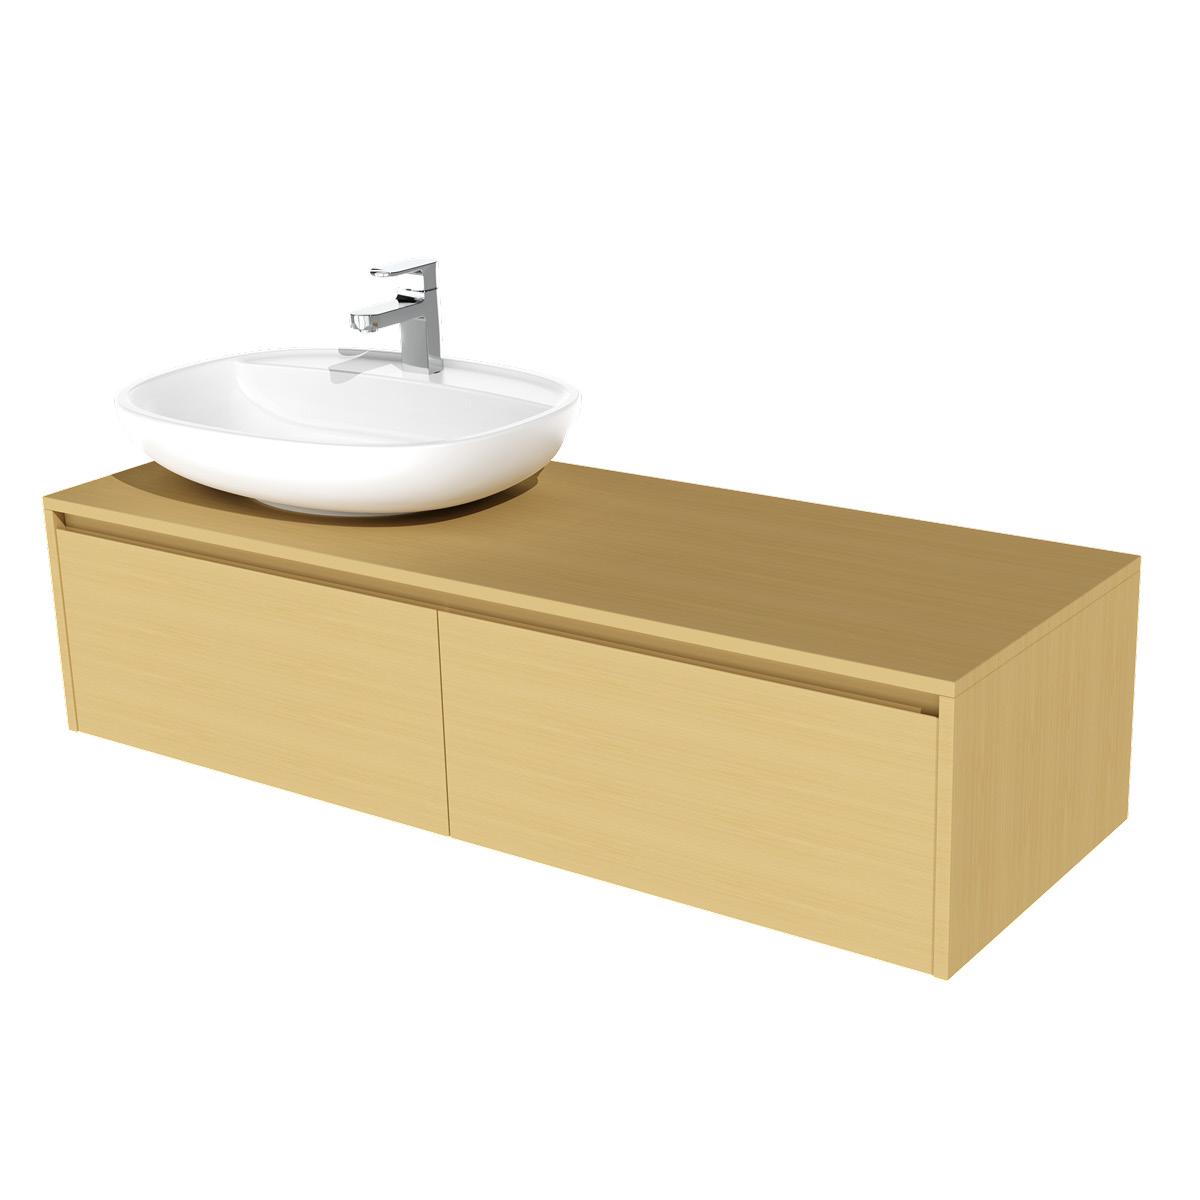 KZOAO Badezimmerserie St. Tropez Aufsatzwaschbecken mit Unterschrank 140 cm